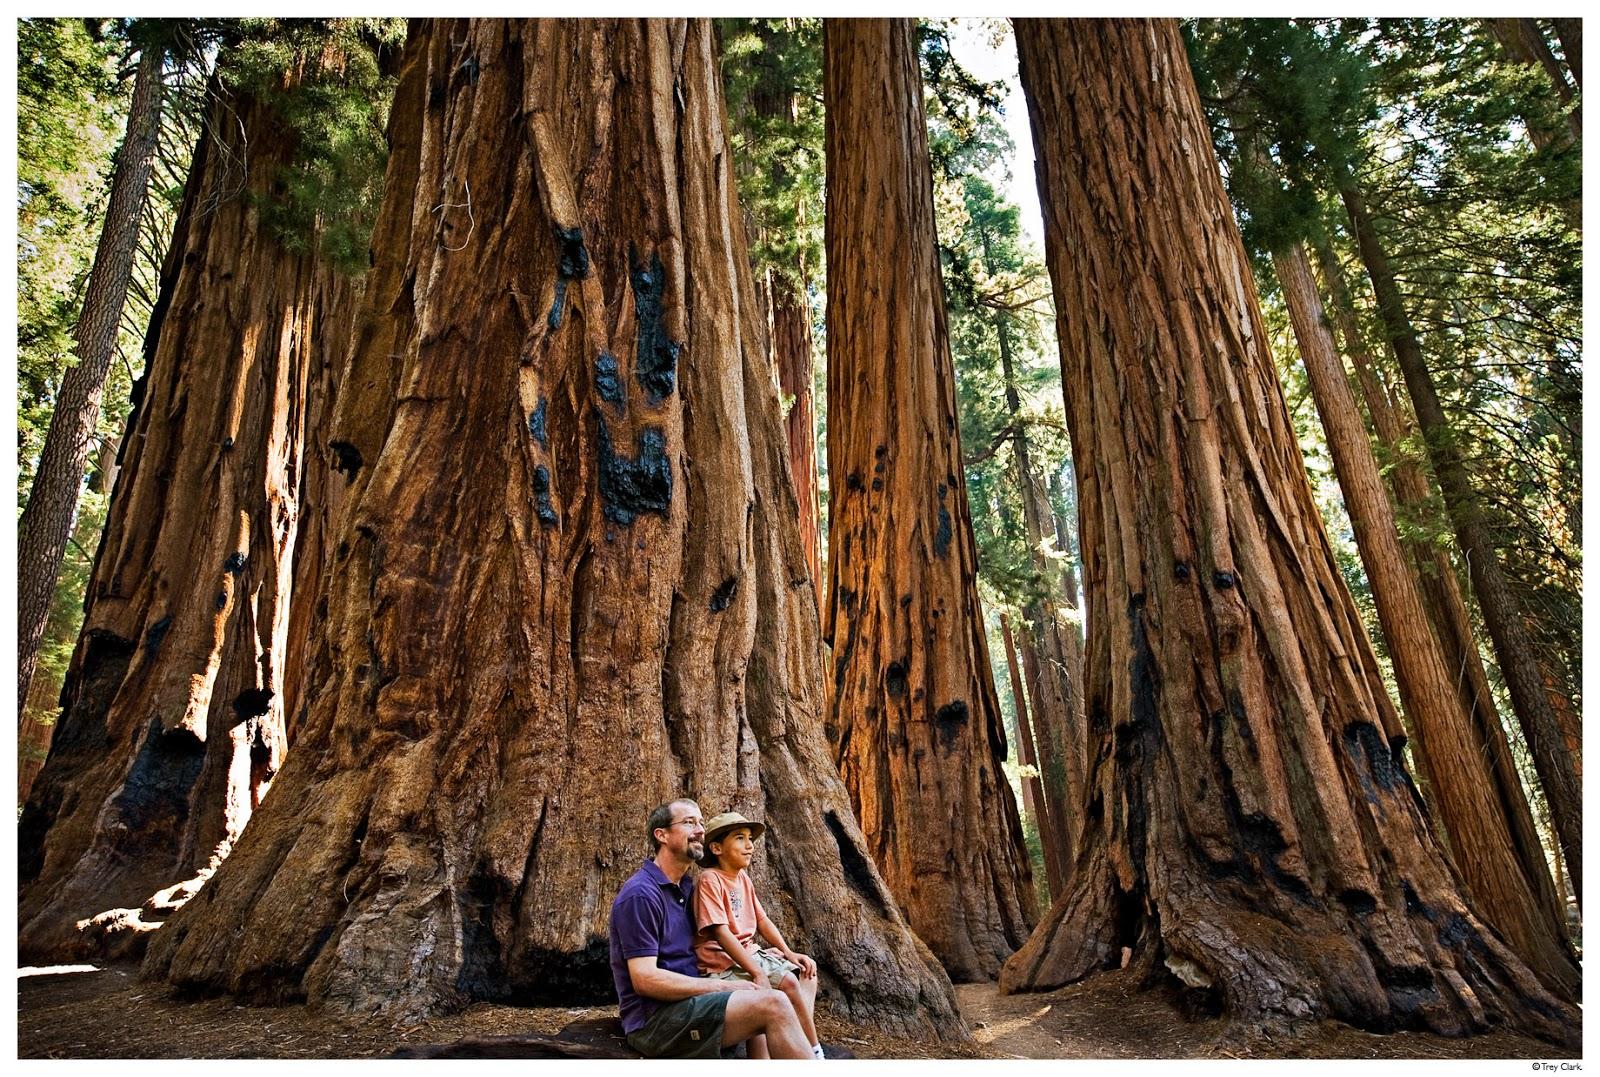 b095dc4c146f 60 метрээс өндөр мод тааралдах нь элбэг зүйл.